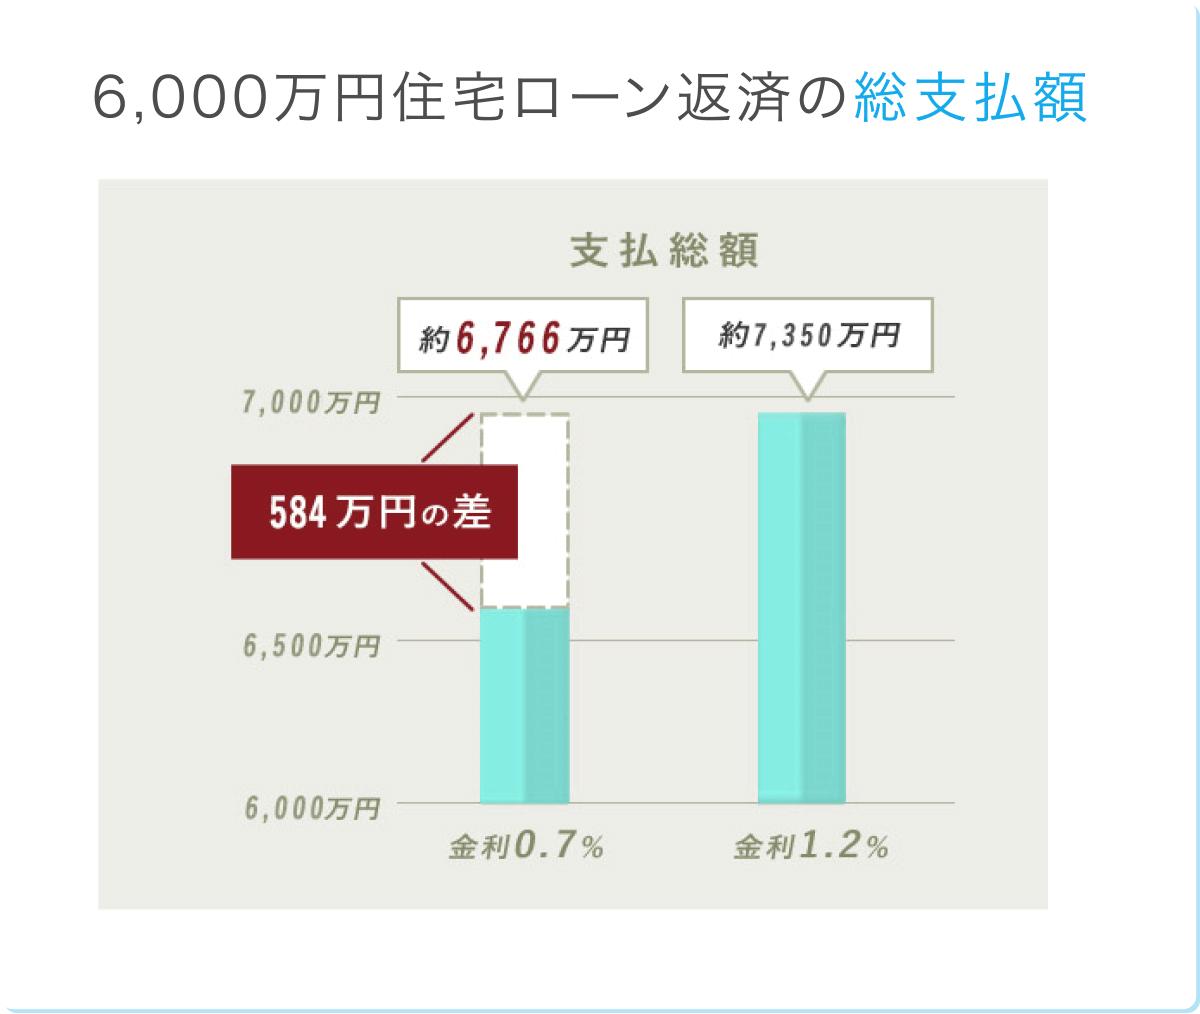 6,000万円住宅ローン返済の総支払額